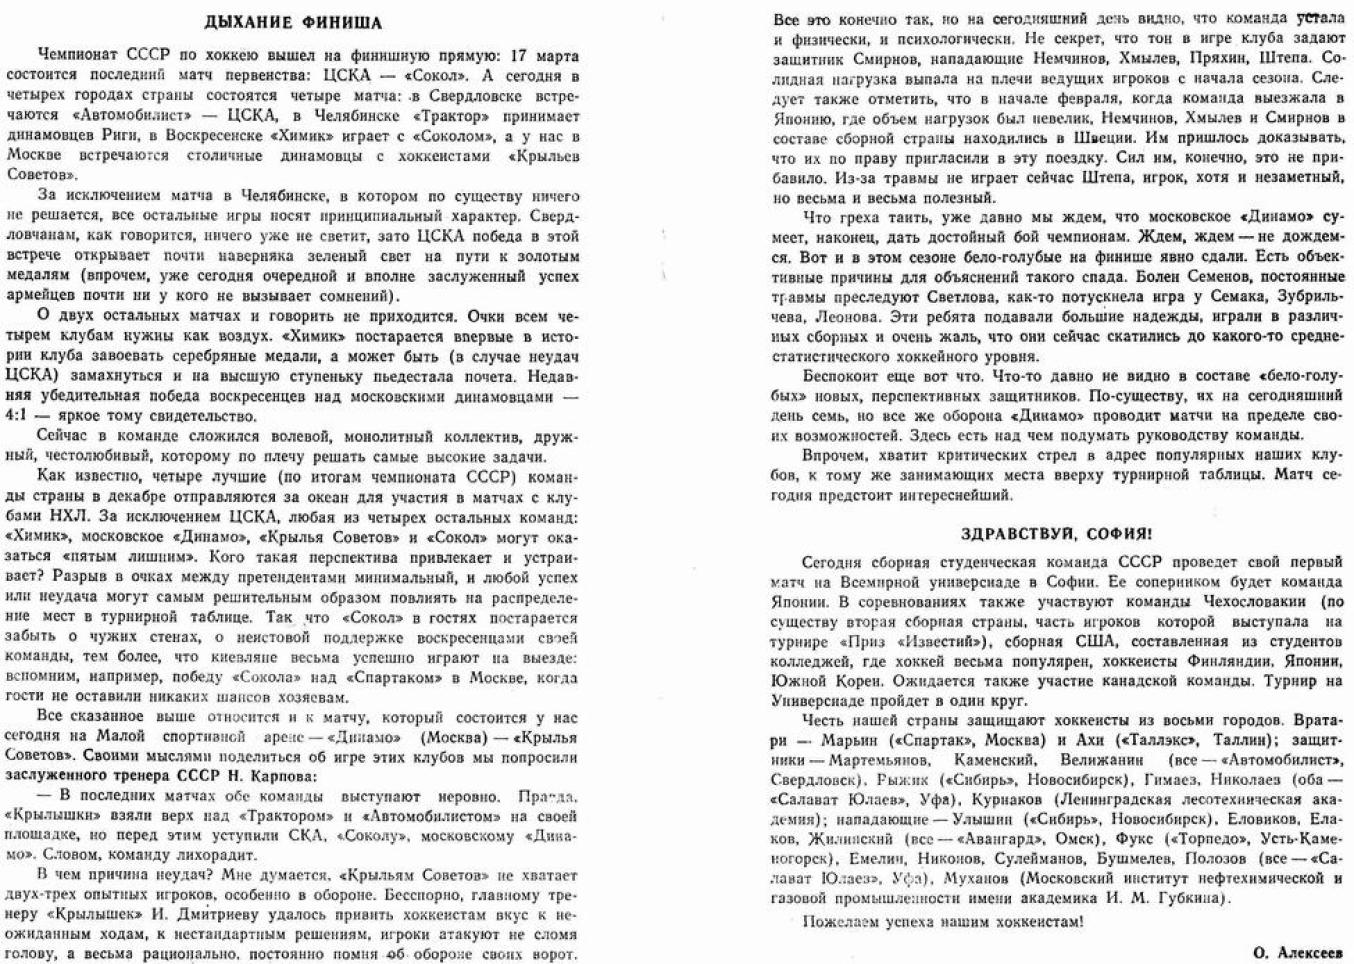 1989.03.03. Динамо - Крылья Советов (Чм. СССР)_02.png